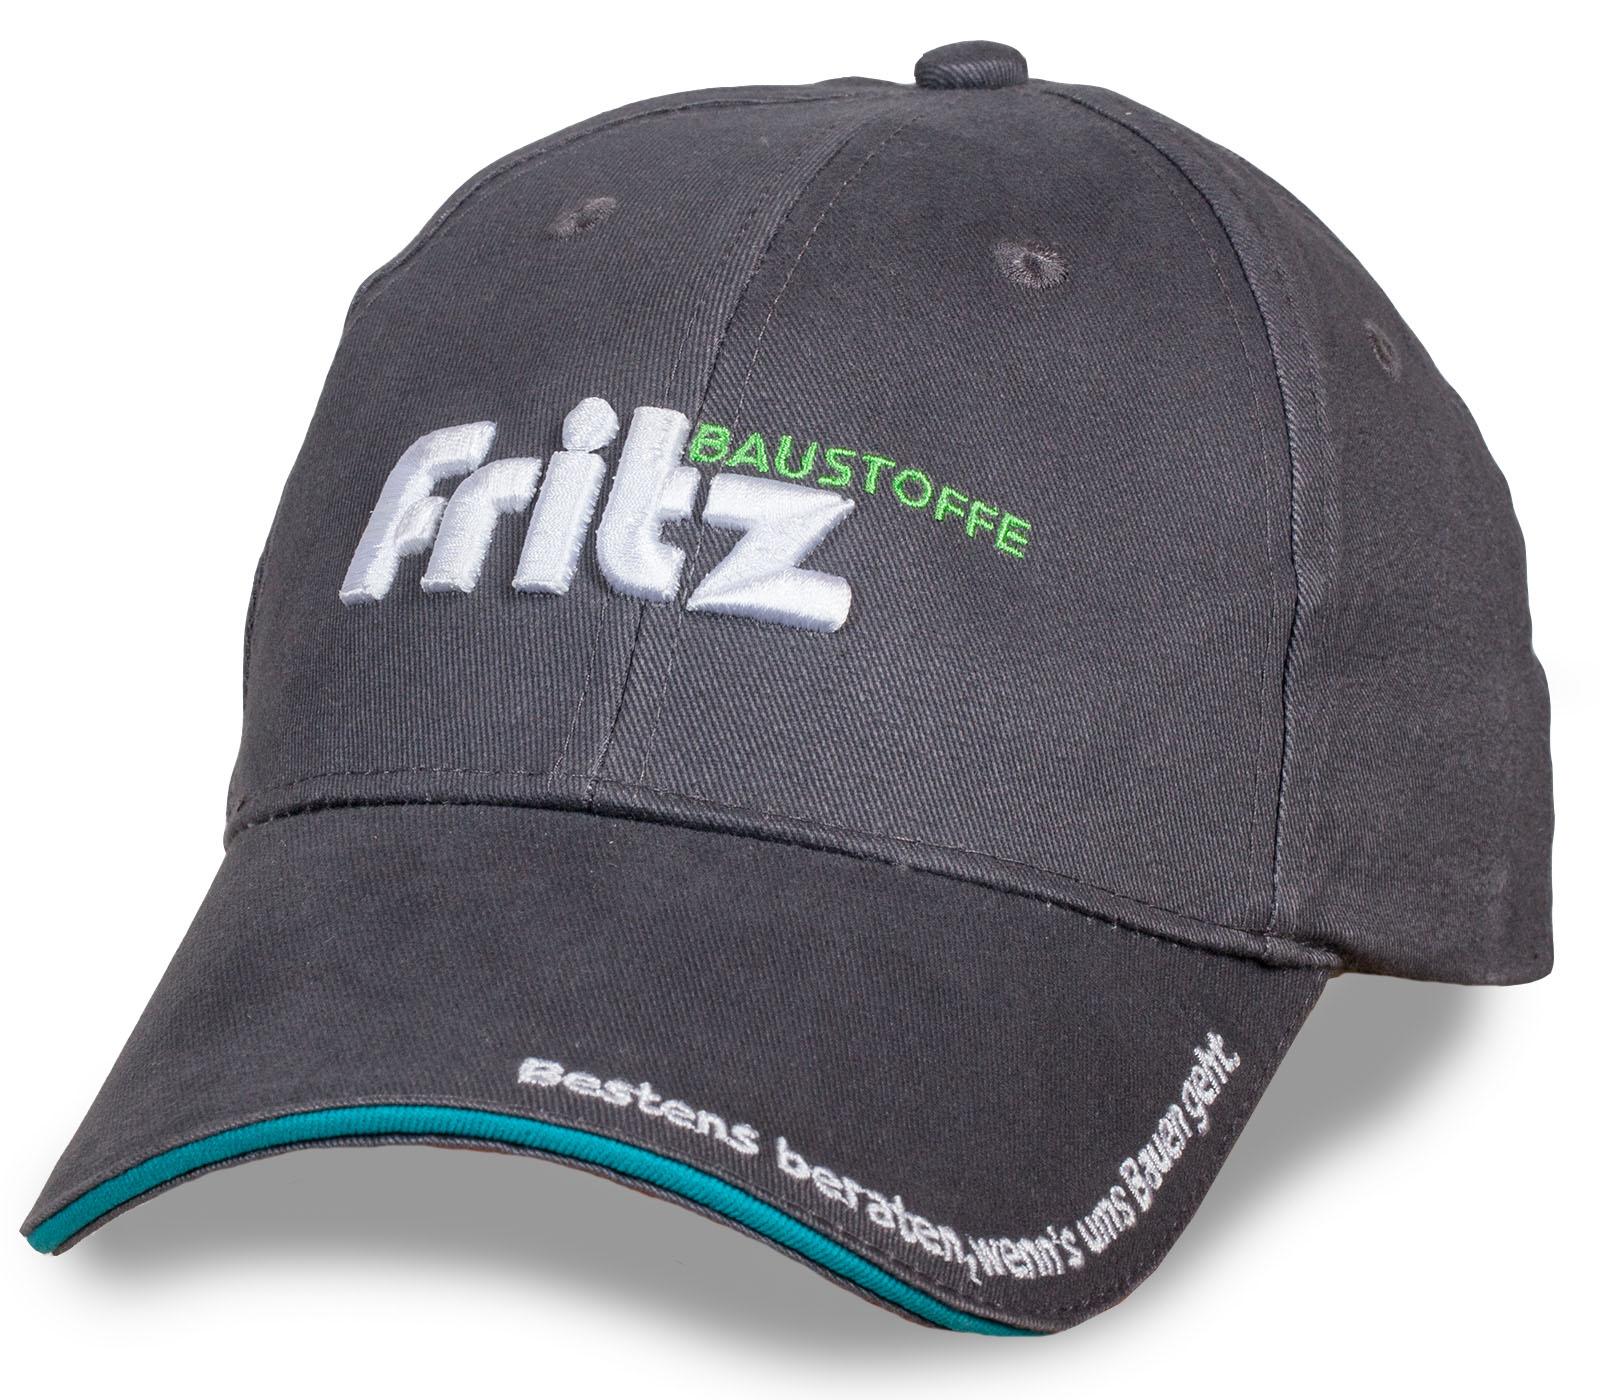 Классная кепка Baustoffe Fritz - ВЫБИРАЙ ЛУЧШЕЕ! Популярная модель, которая уместна ВСЕГДА